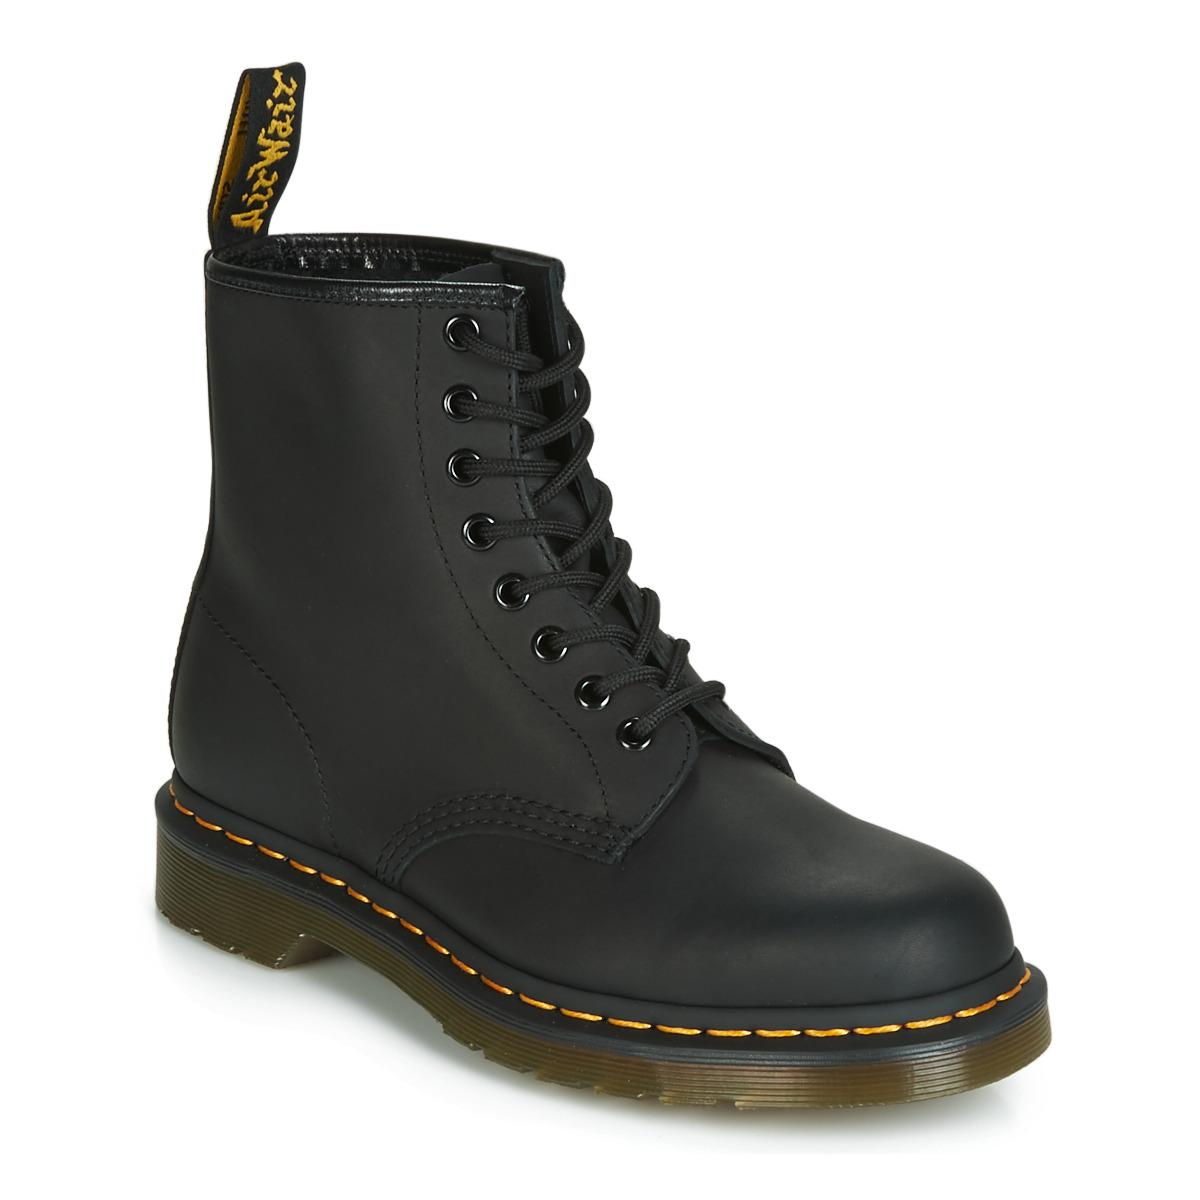 Dr Martens 1460 Schwarz - Kostenloser Versand bei Spartoode ! - Schuhe Boots  169,00 €